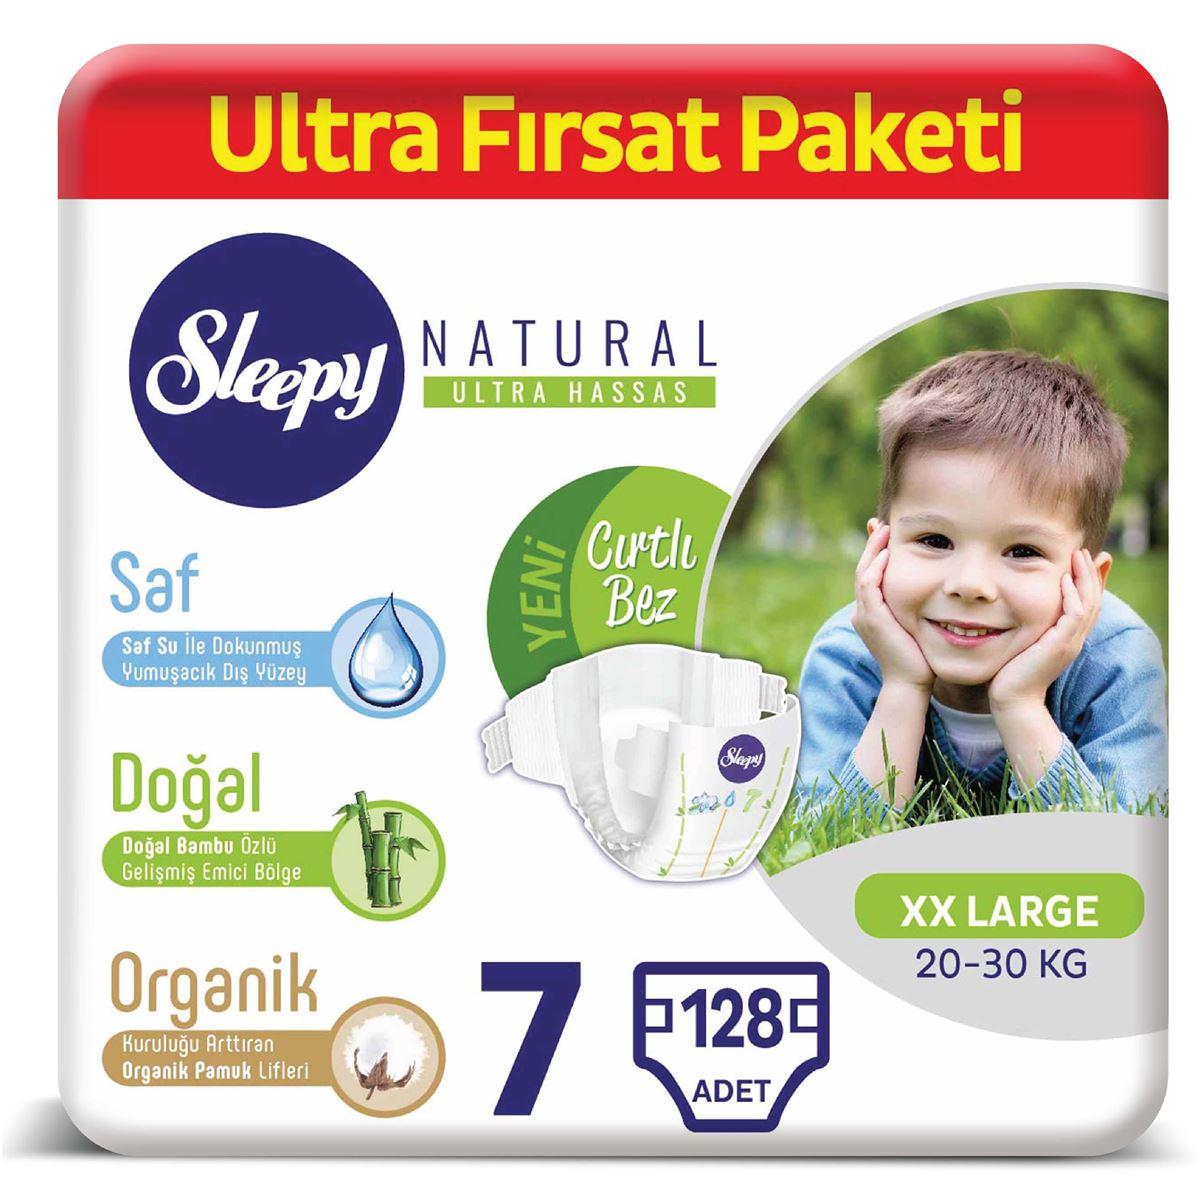 Sleepy Natural Bebek Bezi 7 Numara XXLarge Ultra Fırsat Paketi 128 Adet